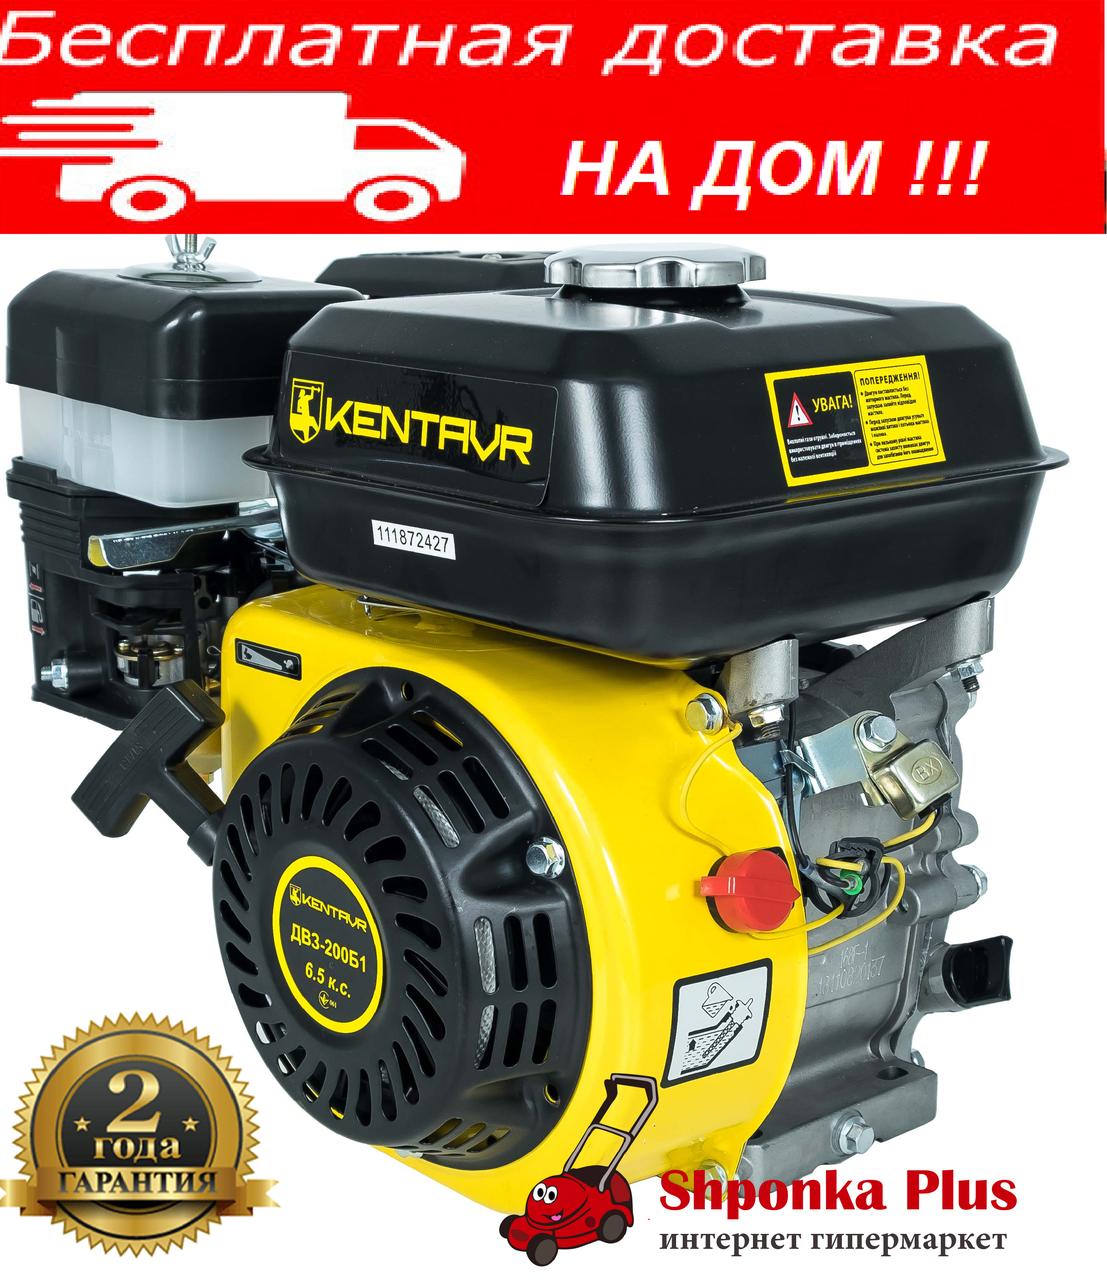 Двигатель Кентавр ДВЗ-200Б1 бензиновый 6,5 л.с., 20мм